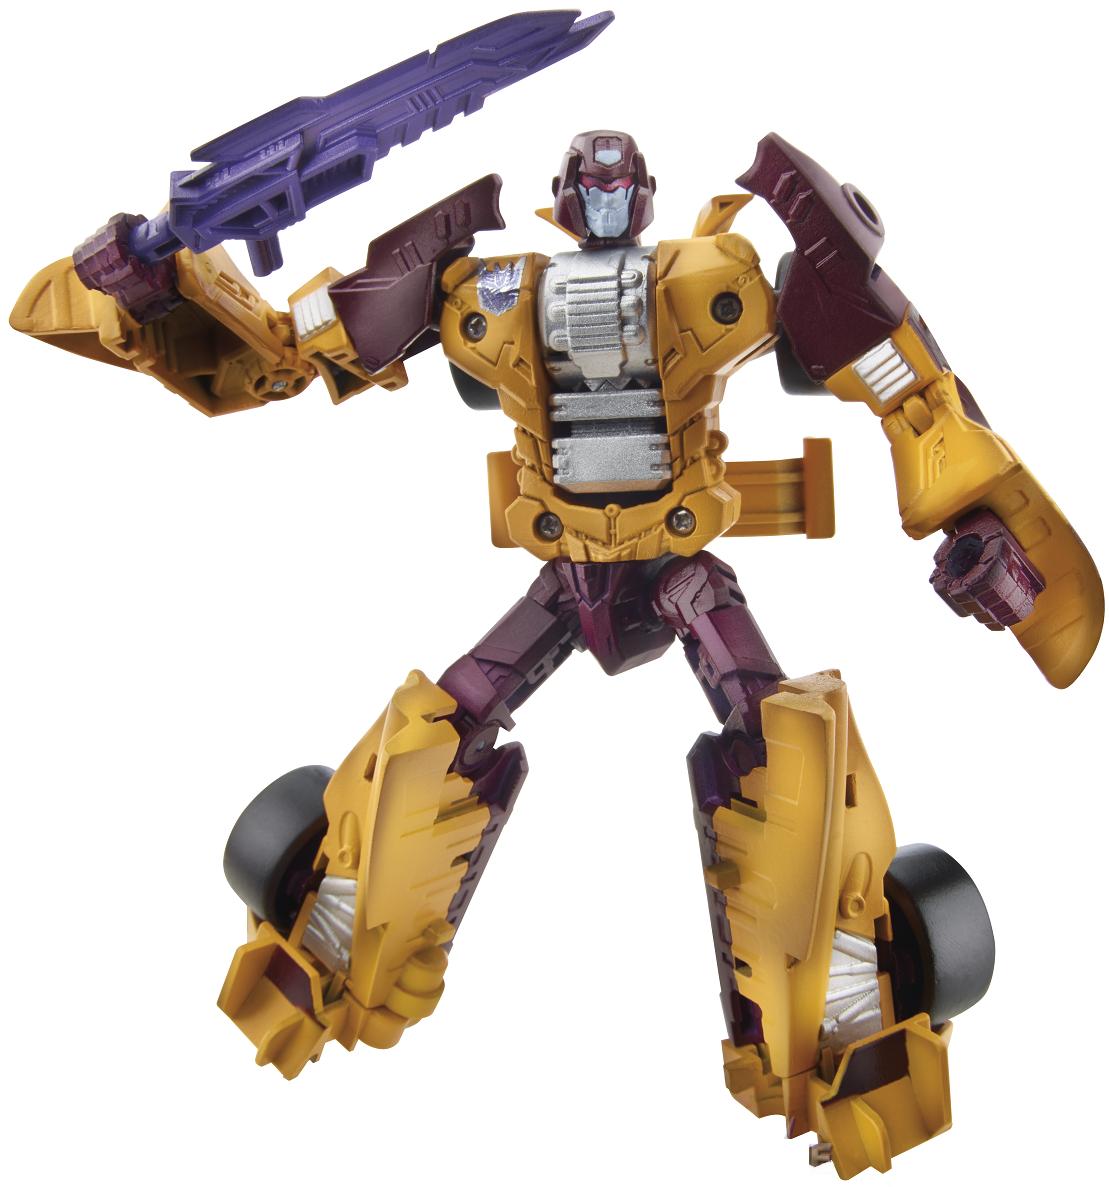 Transformers - Трансформер  2 в1  Combiner  Wars Deluxe Class - Дрэгстрип серияTransformers Generations